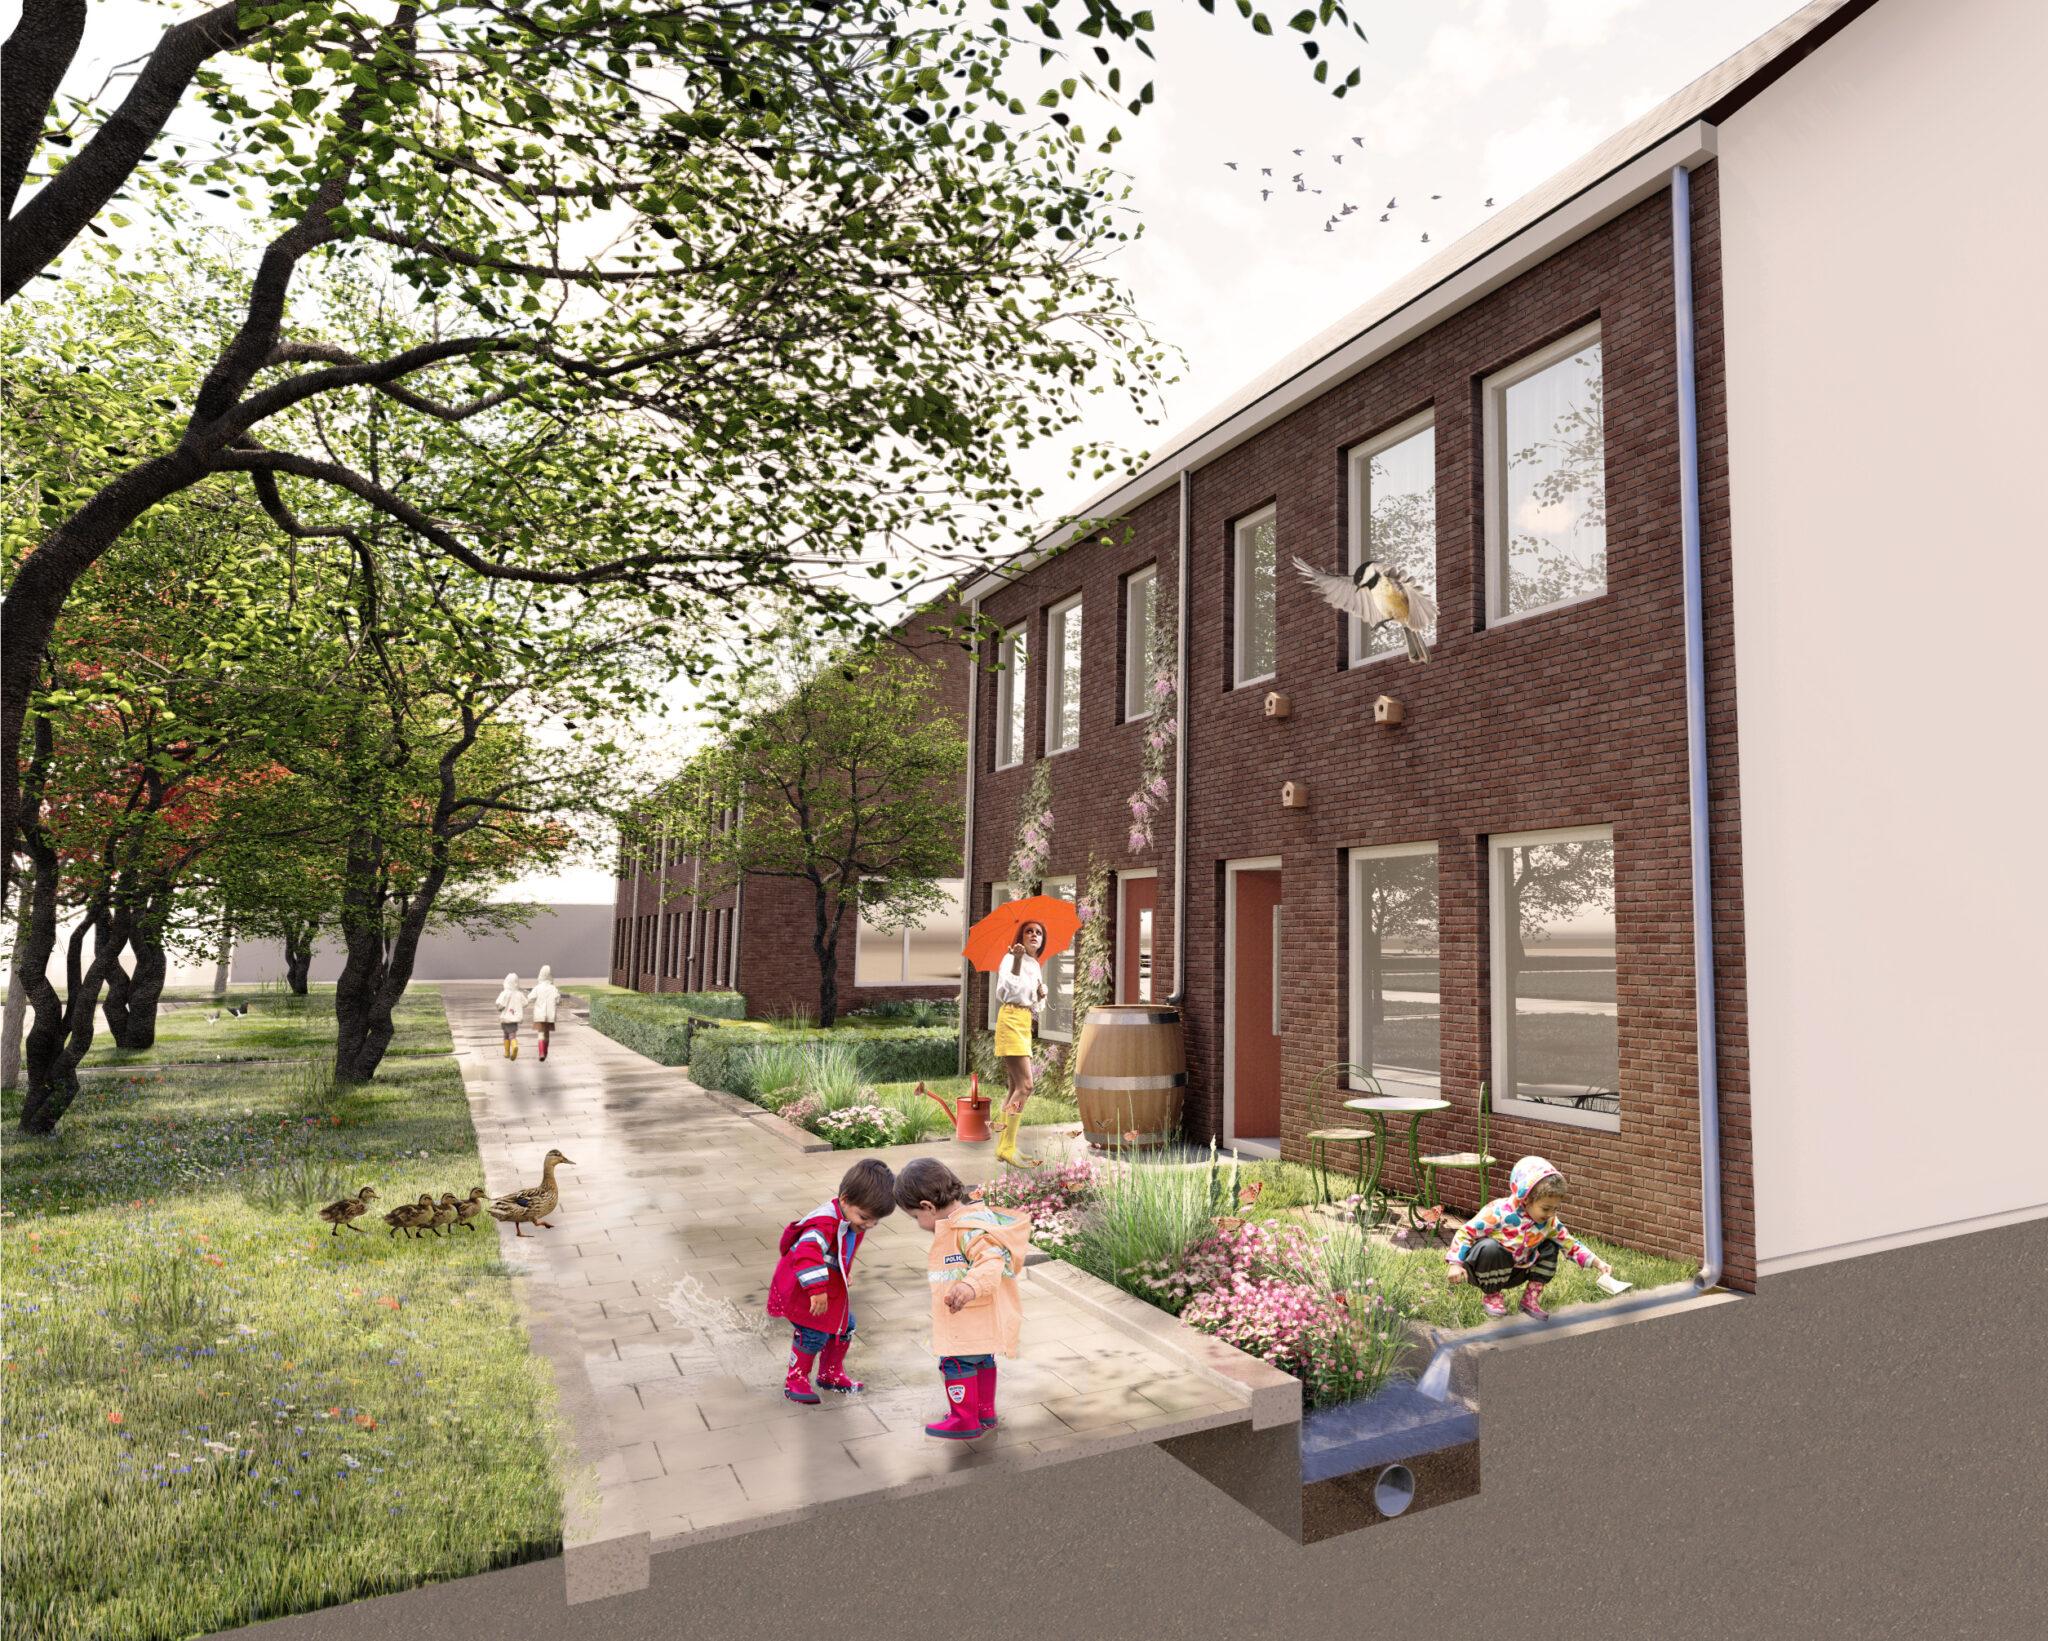 1. Landschappelijk ontwerp klimaatbestendige woonijk_Immanuelhof_beeld 1, projectenpagina